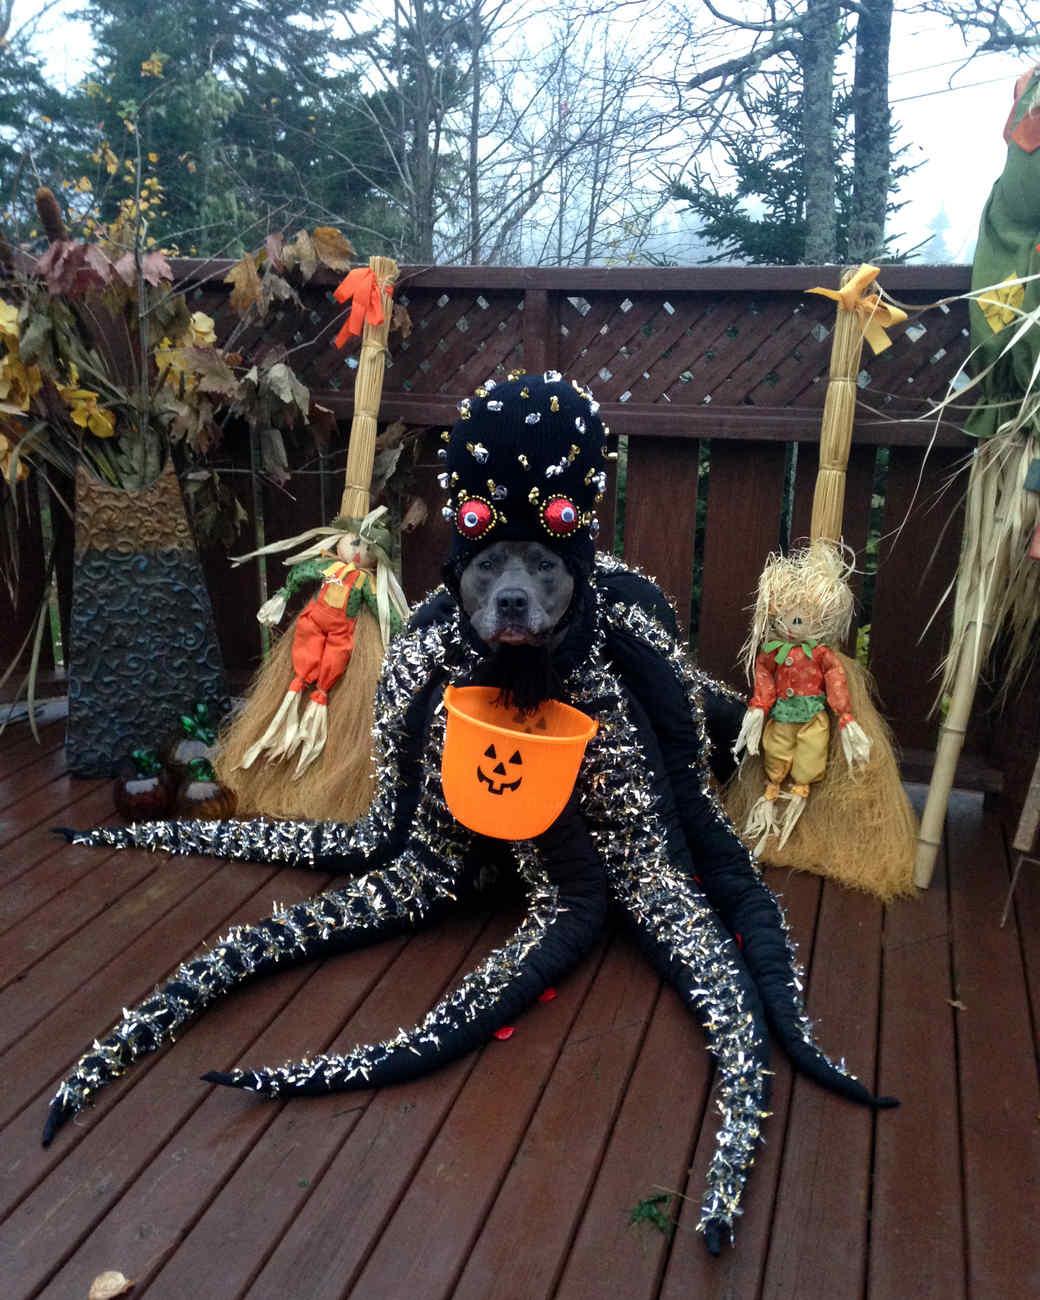 octopus-dog-1014.jpg